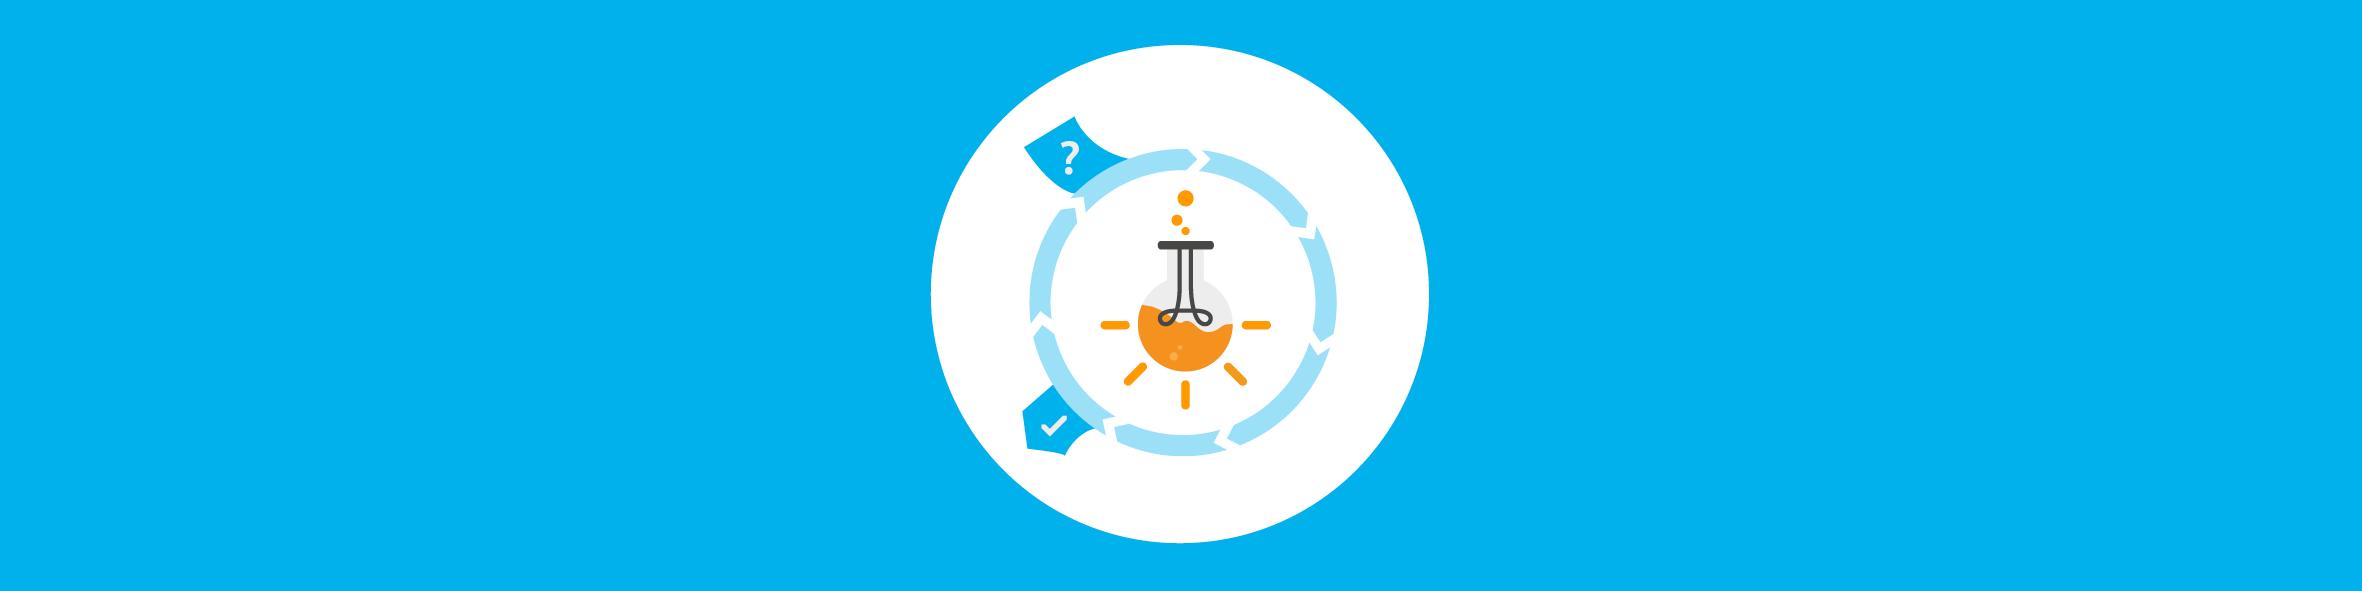 Onderzoekend leren - Cloudwise Academy header trainingsaanbod